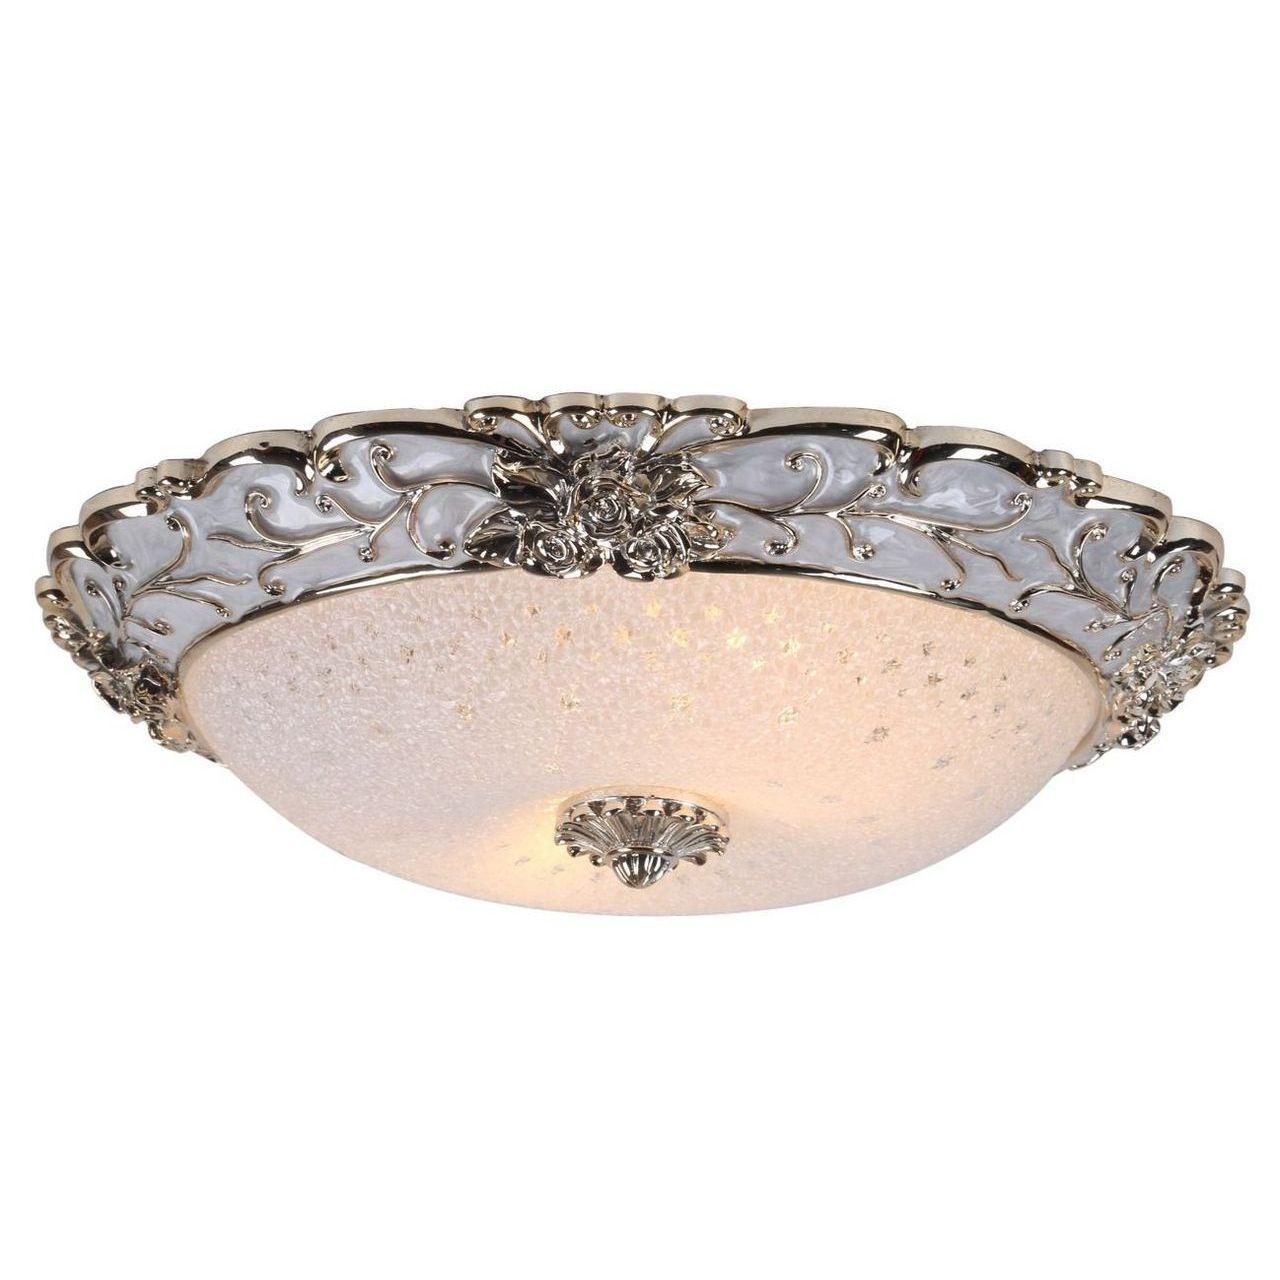 Потолочный светильник Arte Lamp Torta Lux A7135PL-2WH светильник потолочный arte lamp torta lux a7135pl 2wh 4650071251991